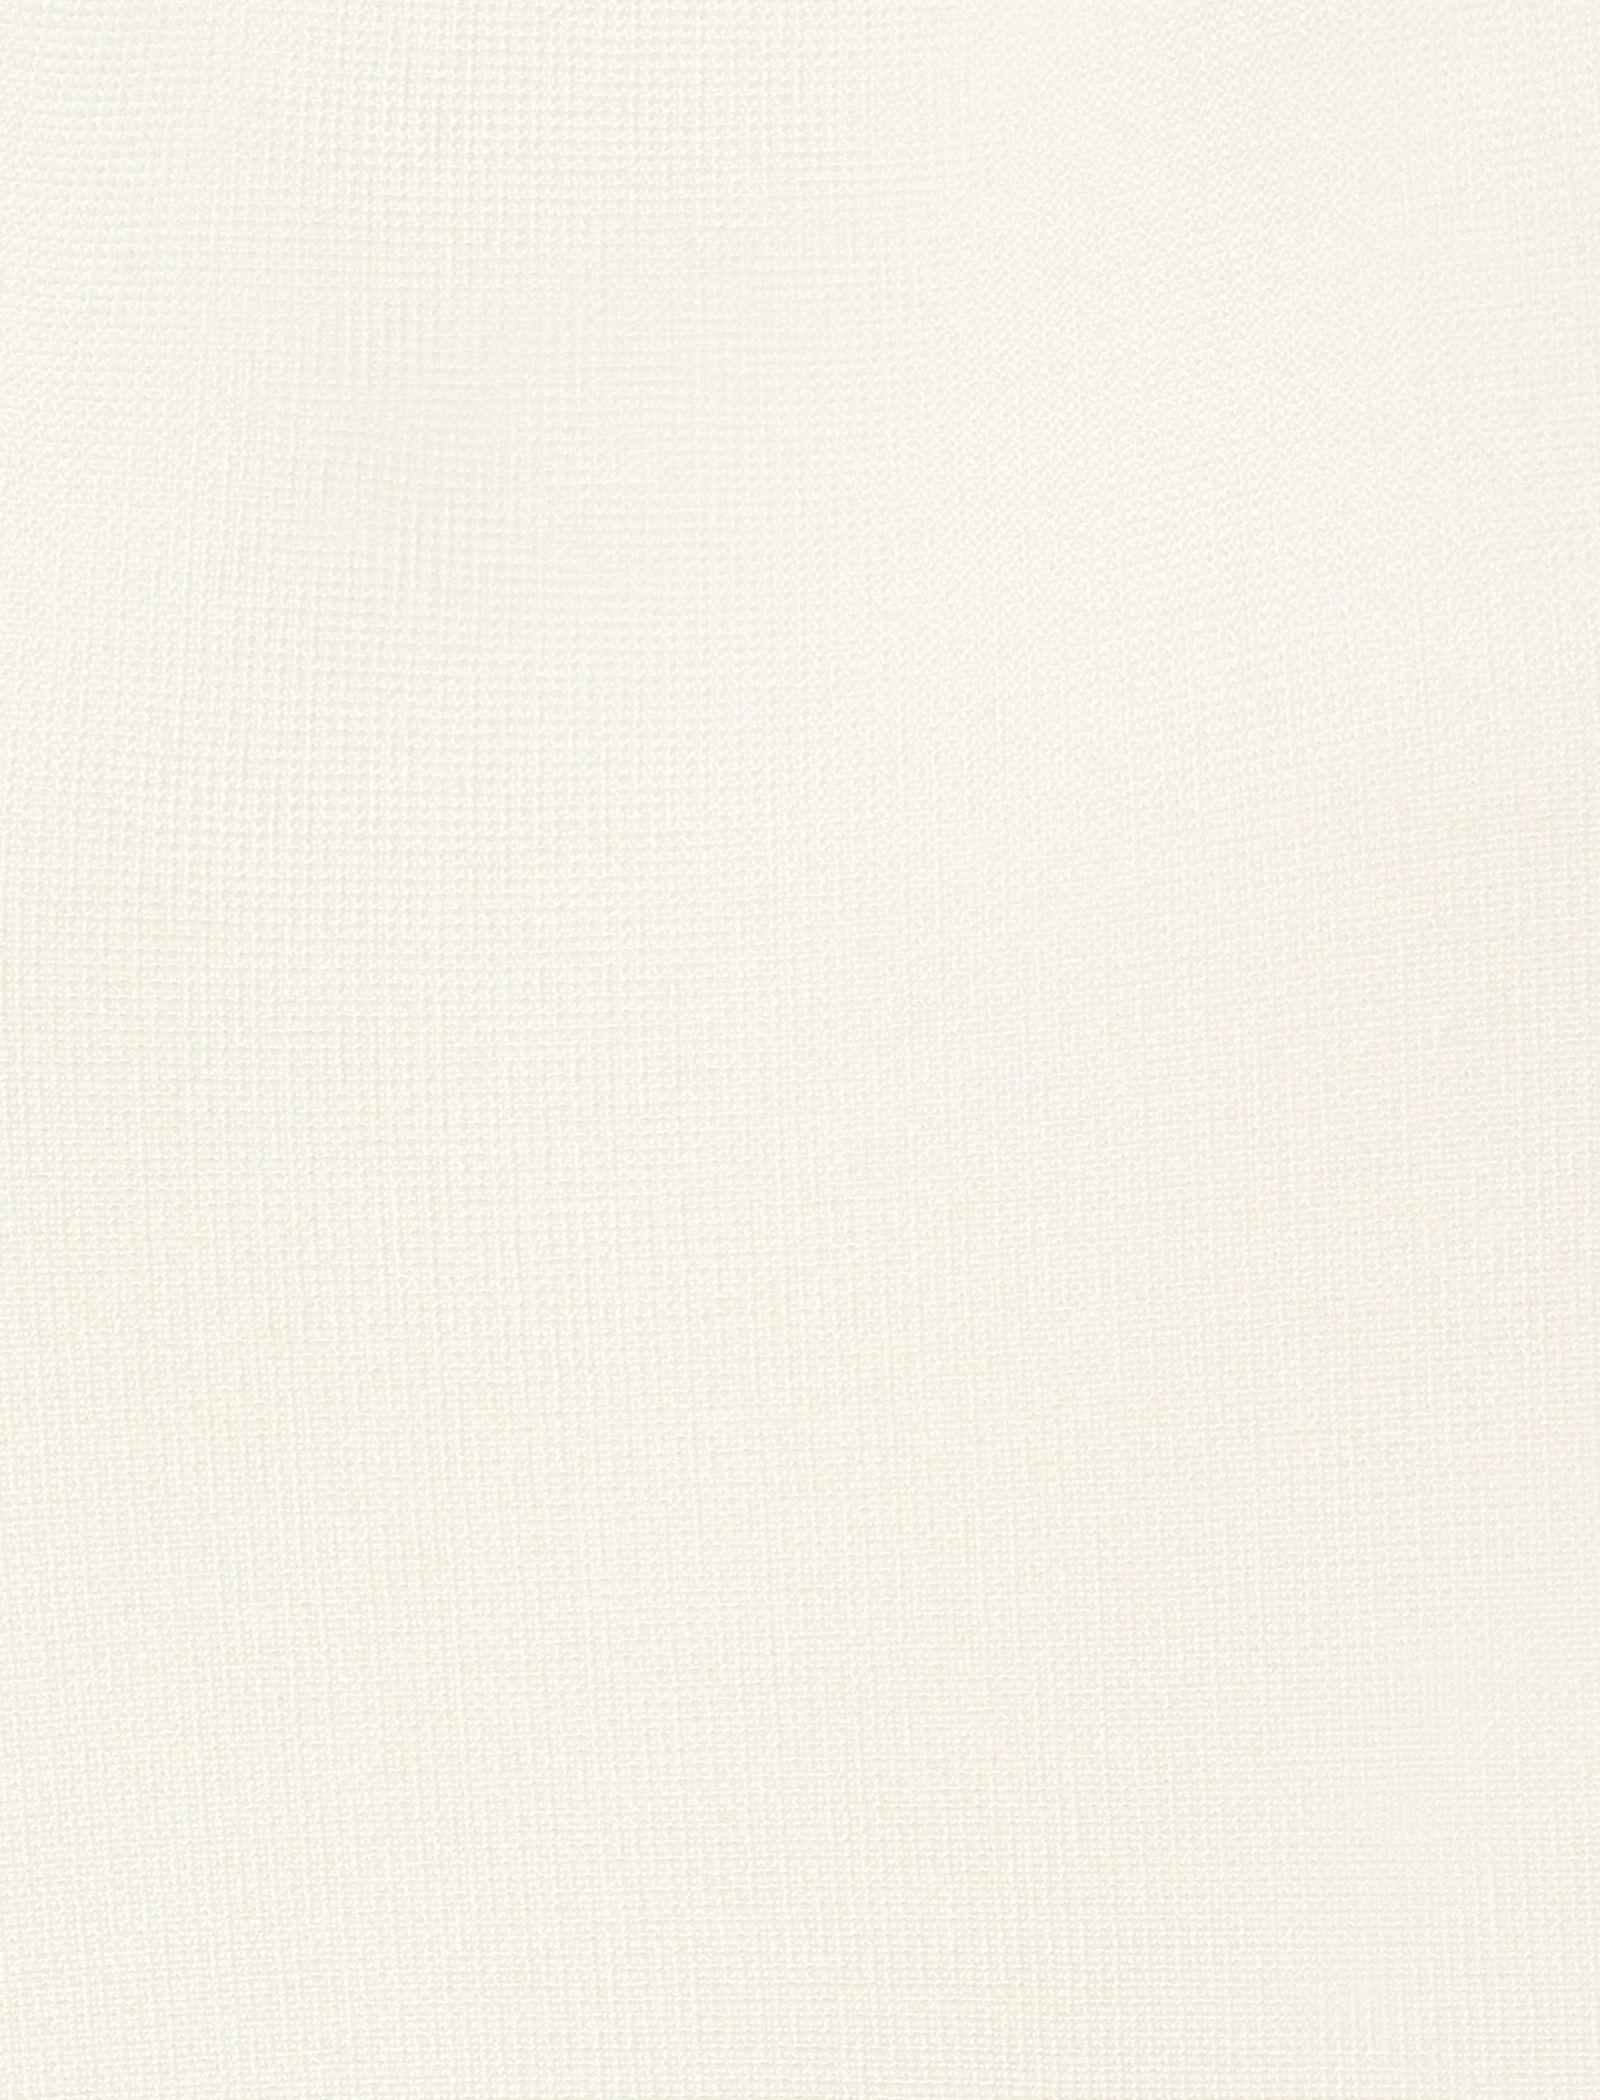 کت ویسکوز بافت زنانه - فیز ایت - سفيد - 2